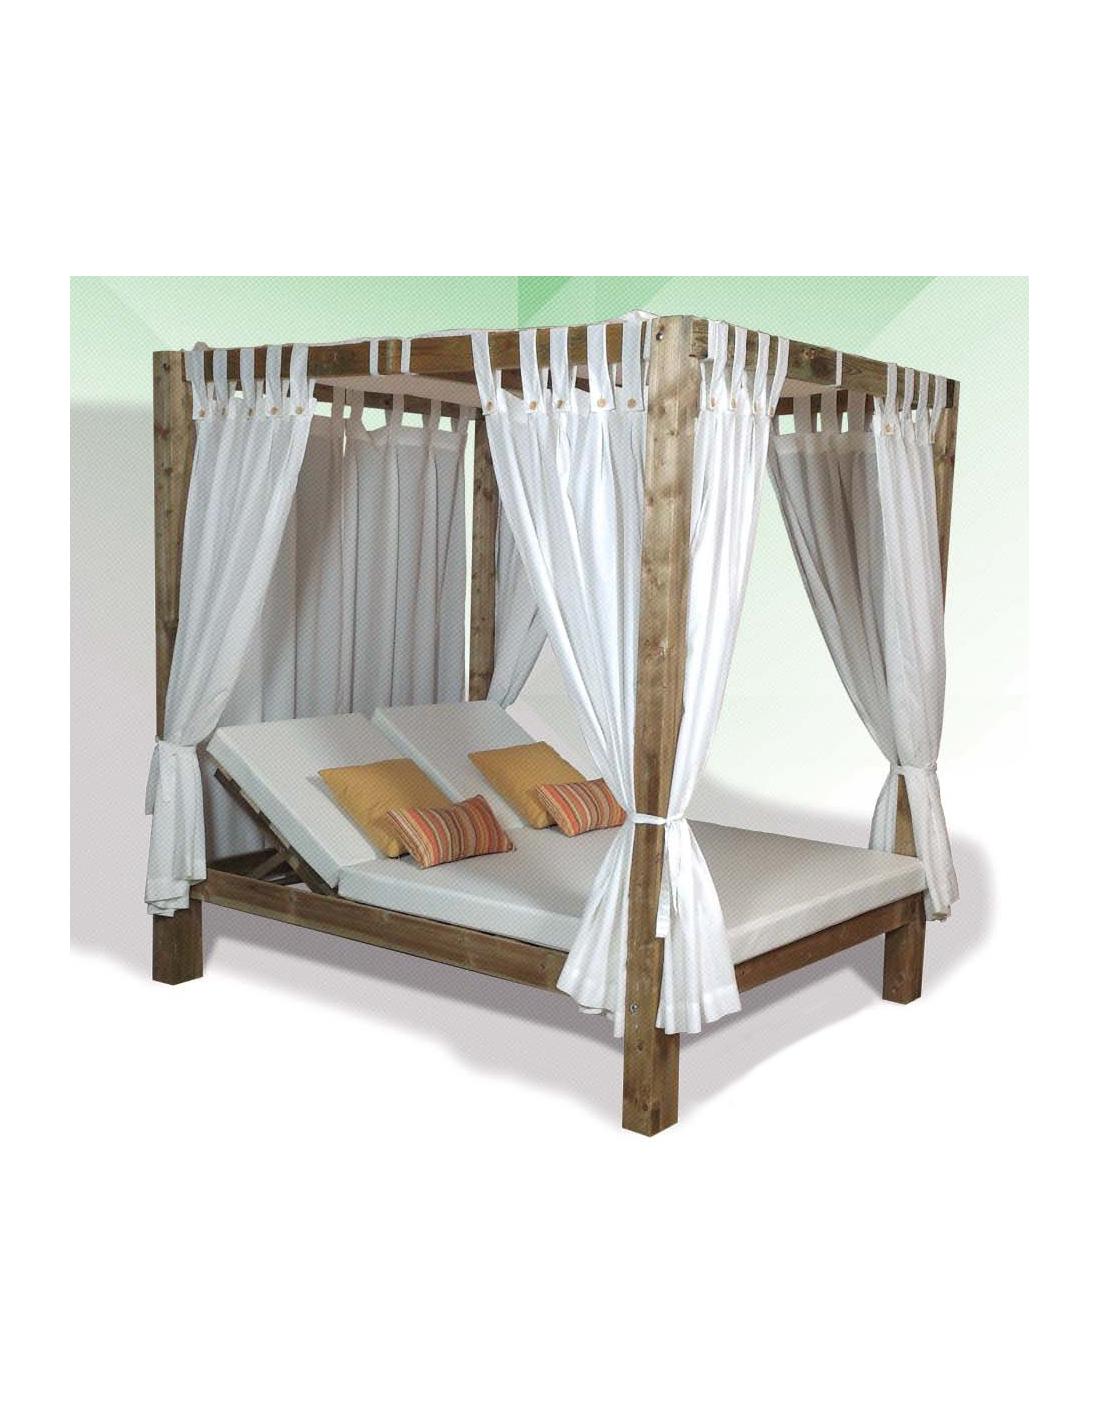 Comprar cama balinesa madera reclinable for Cama reclinable